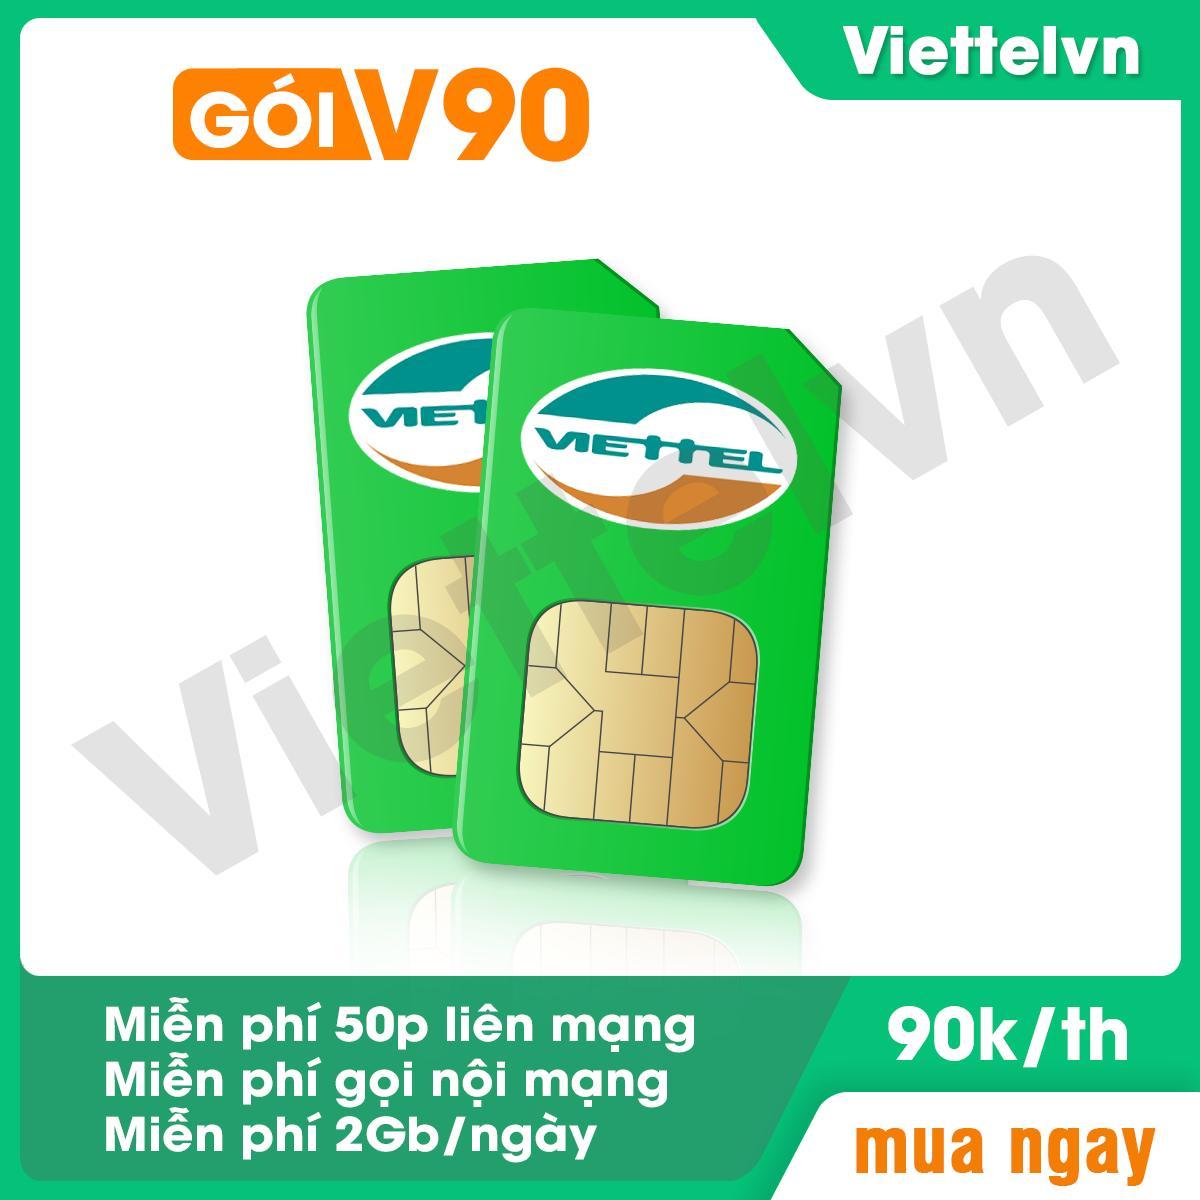 Giá Tiết Kiệm Để Sở Hữu Ngay Sim 4G 10 Số Viettel V90 (60Gb + 4350 Phút Gọi Miễn Phí / Tháng) Viettelvn.